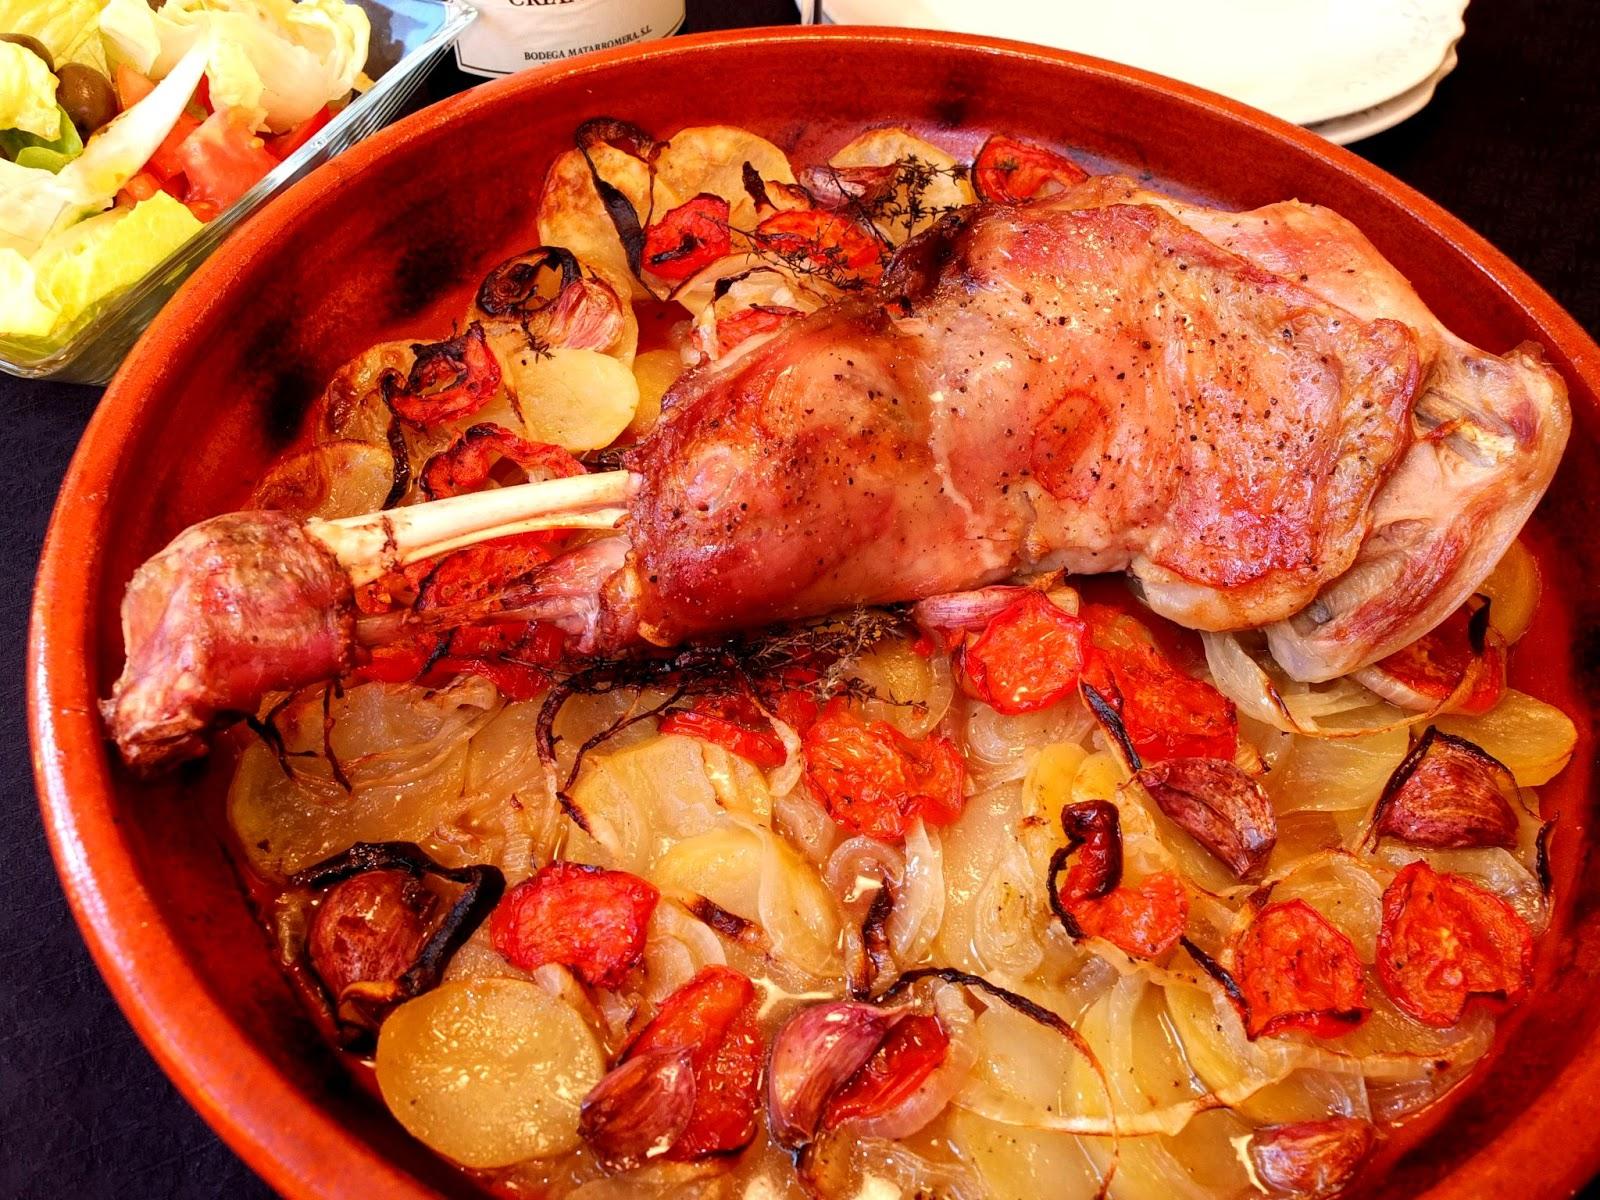 Cocinando con lola garc a paletilla de cordero lechal al for Cocinar paletilla de cordero